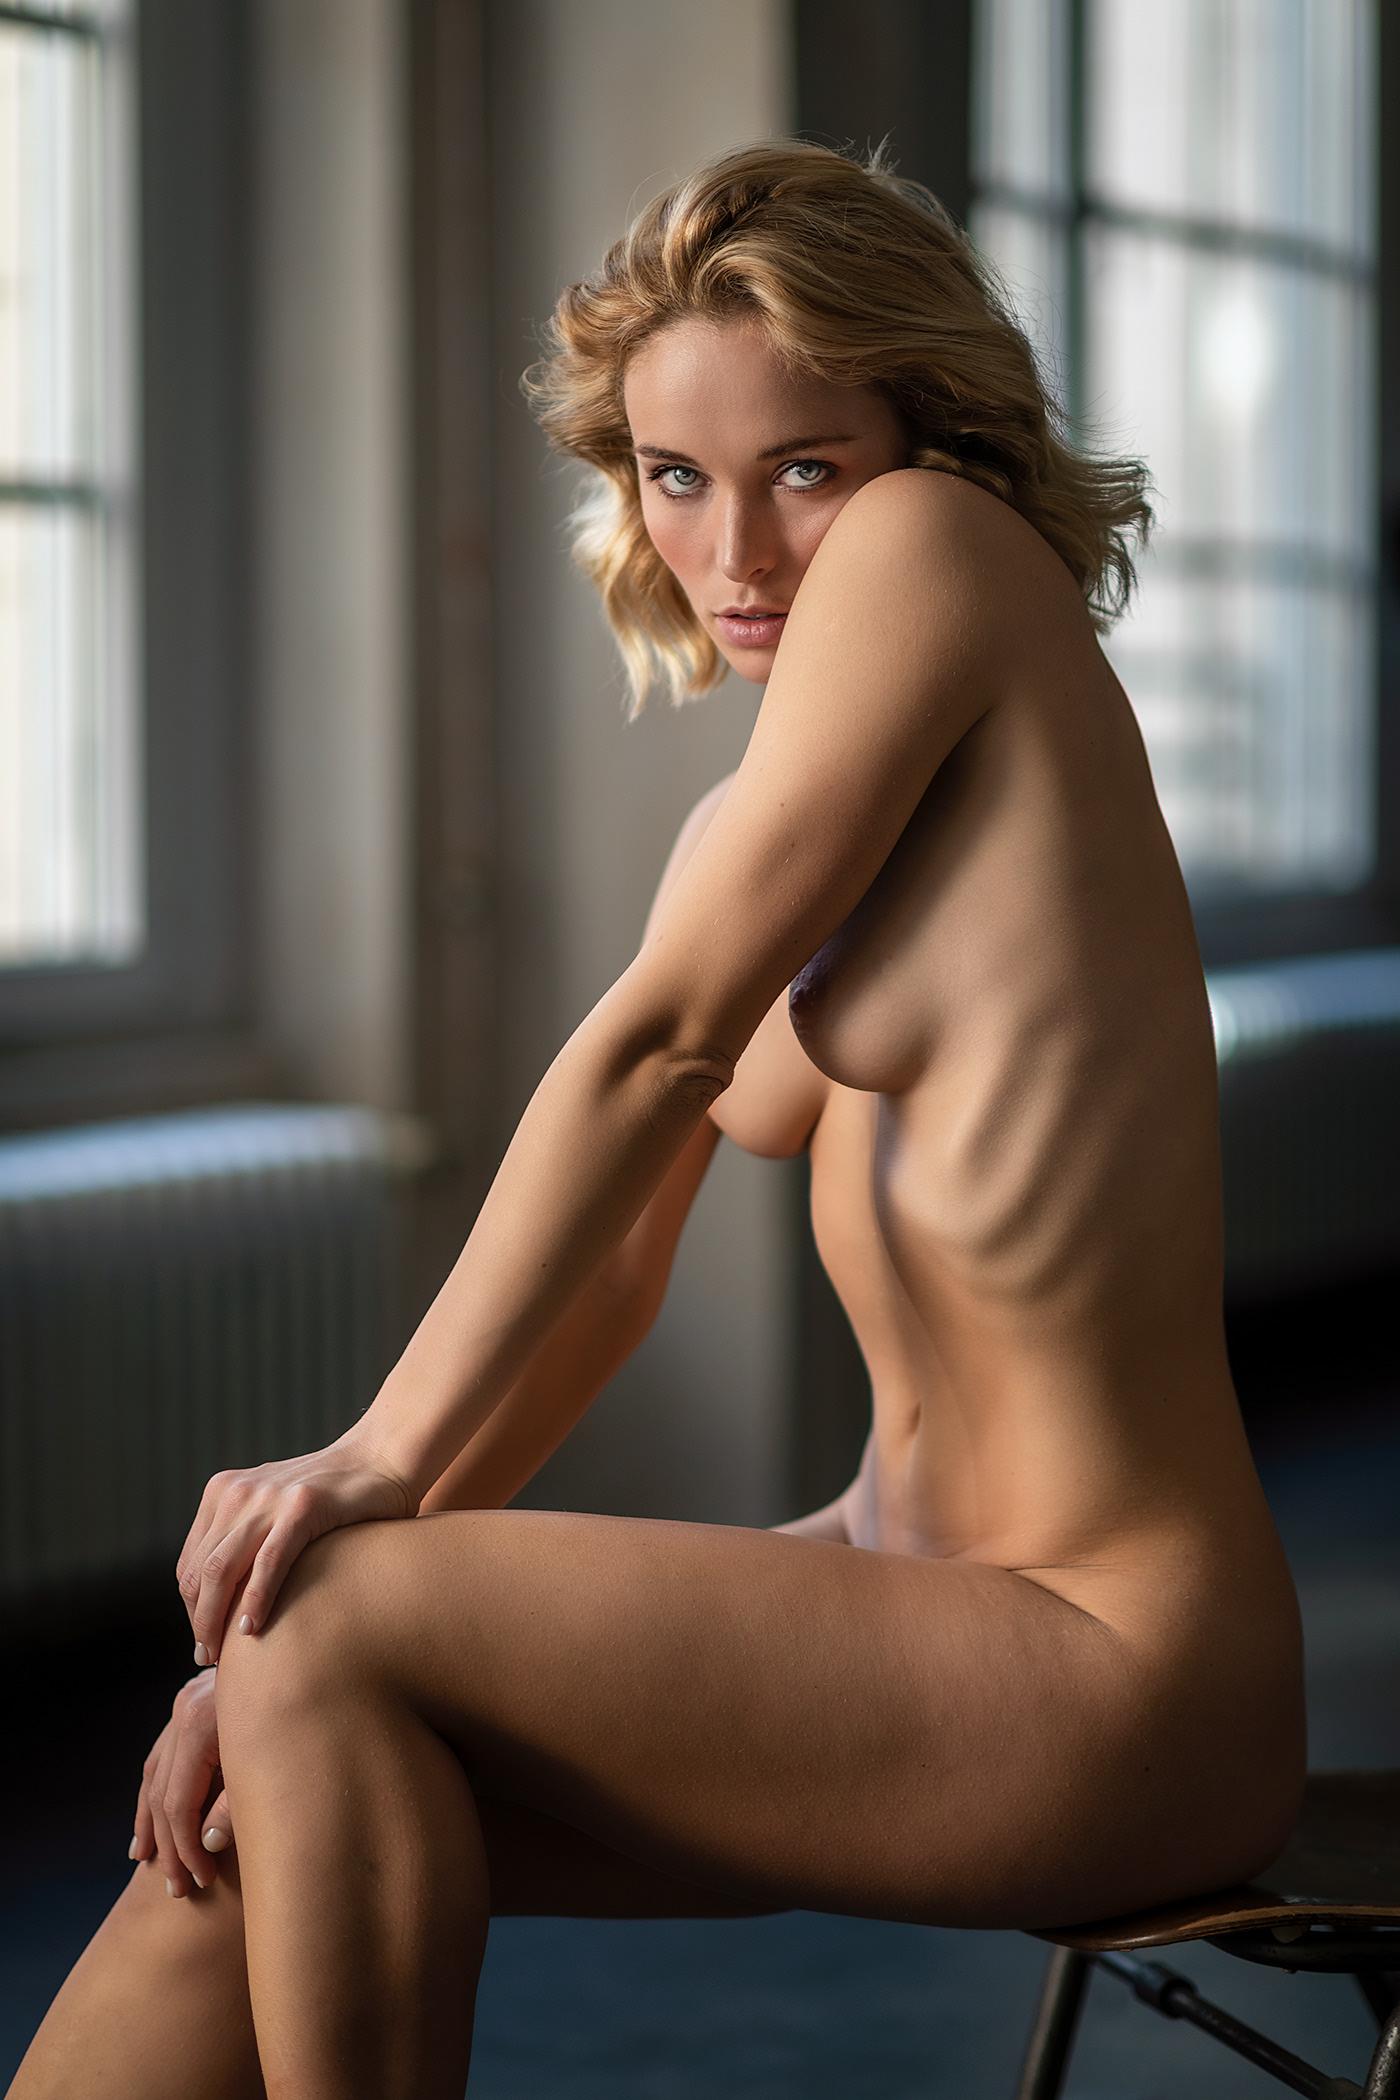 Viktoria Yarova - Chris Bos photoshoot